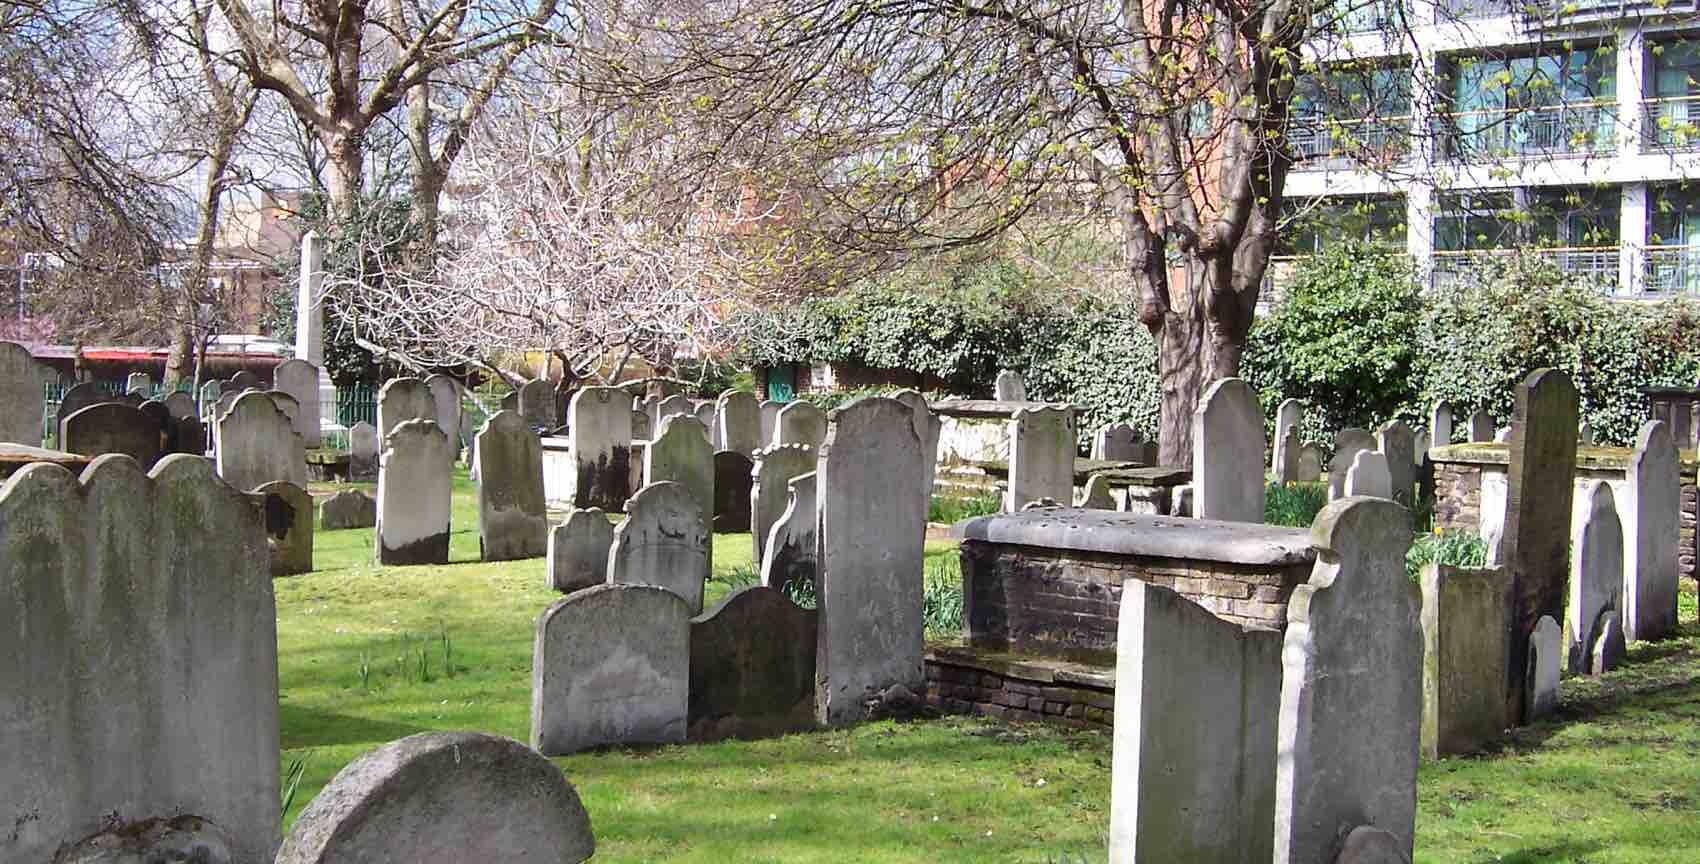 Tett i tett står gravstenene - enkelte så gamle at du ikke kan lese skriften